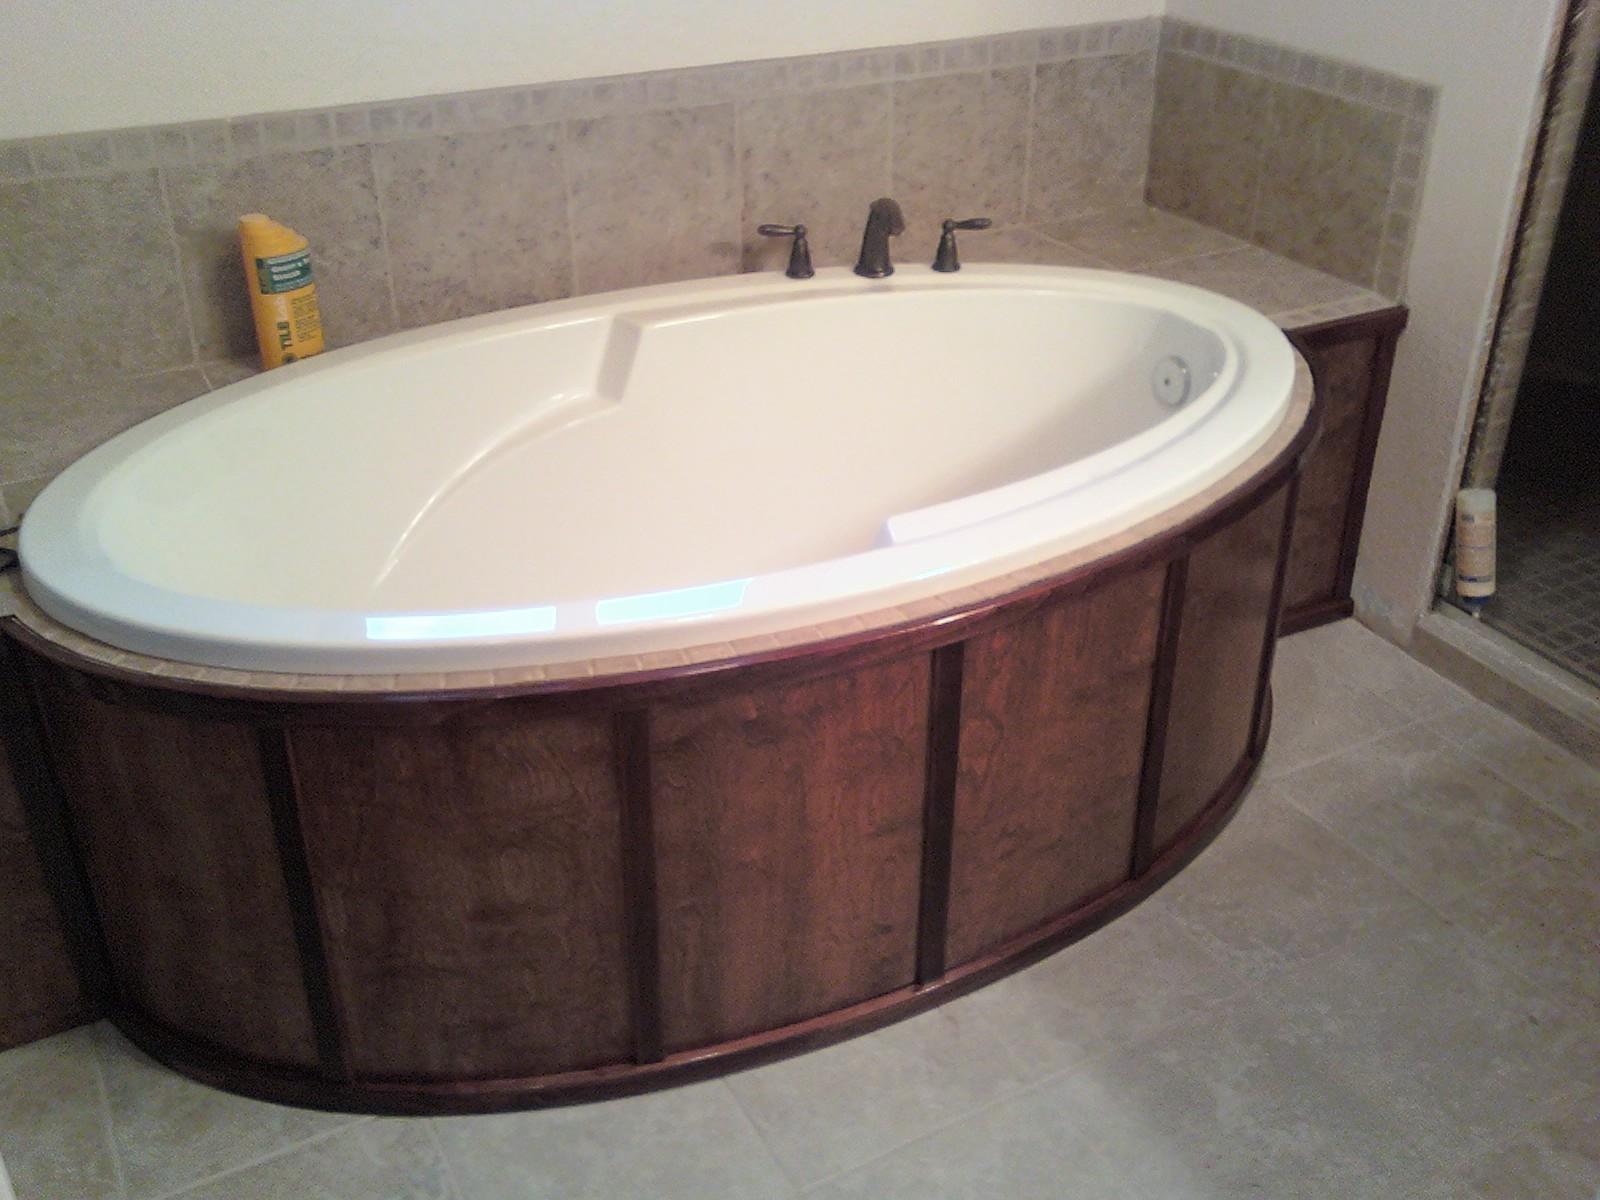 mast tub complete